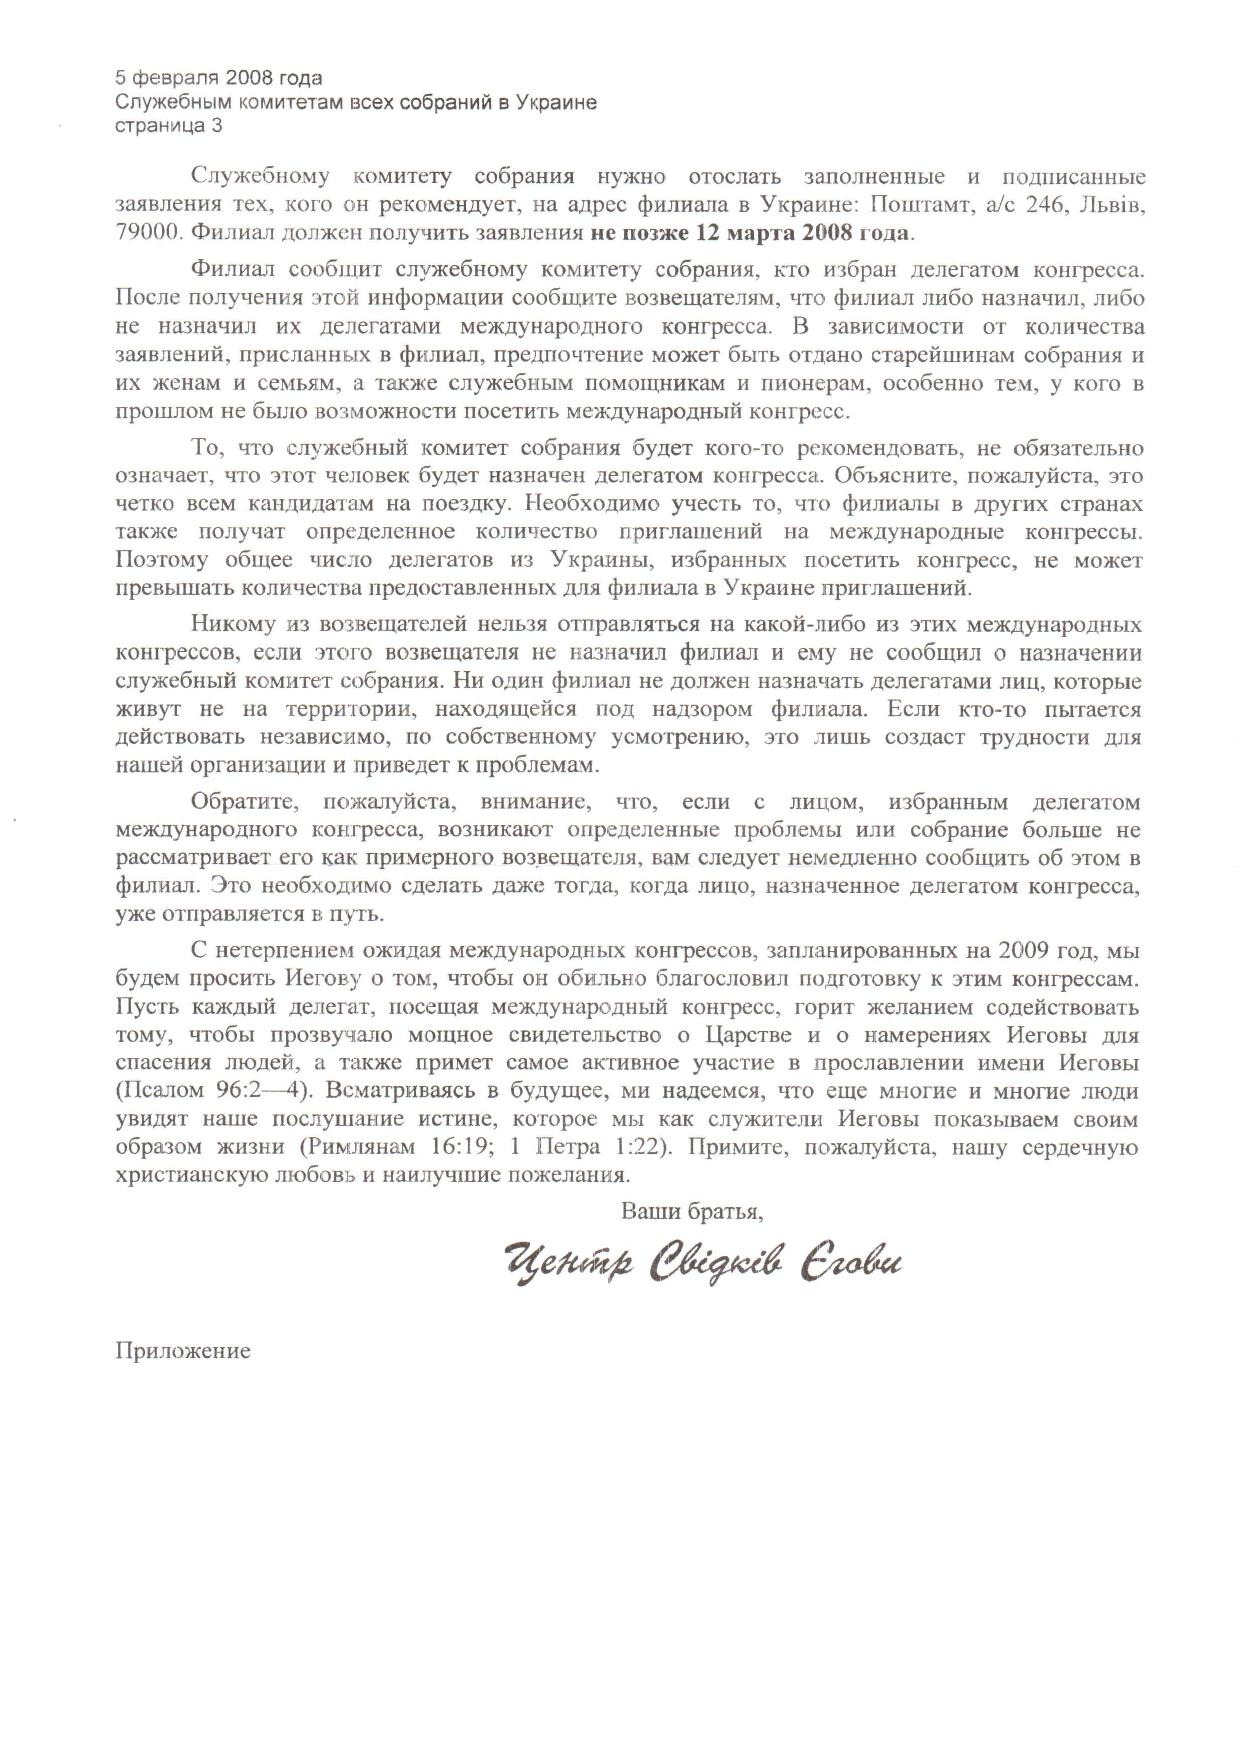 2008.02.05 (Фильтр для делегатов международных конгрессов)_000003